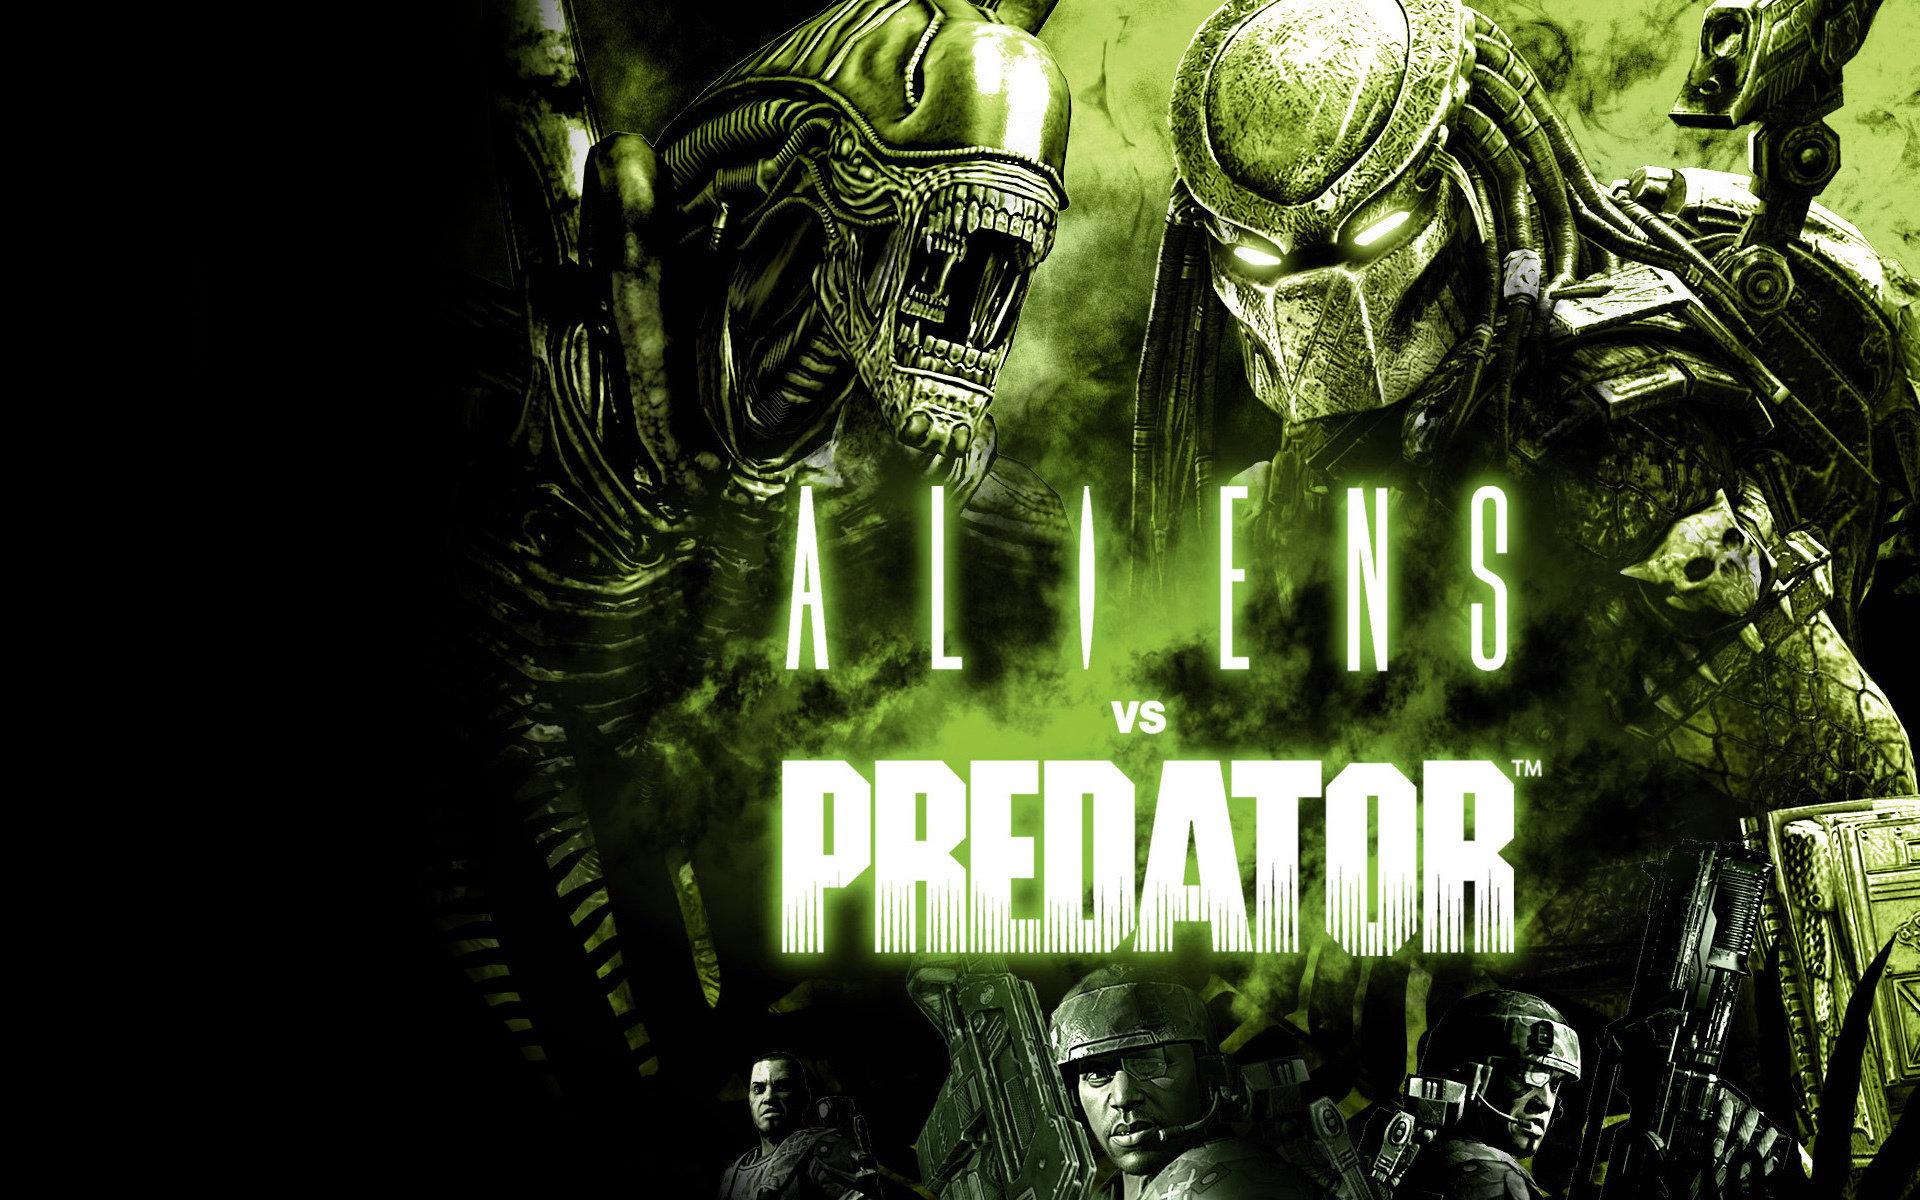 aliens vs. predator wallpapers 1920x1200 desktop backgrounds